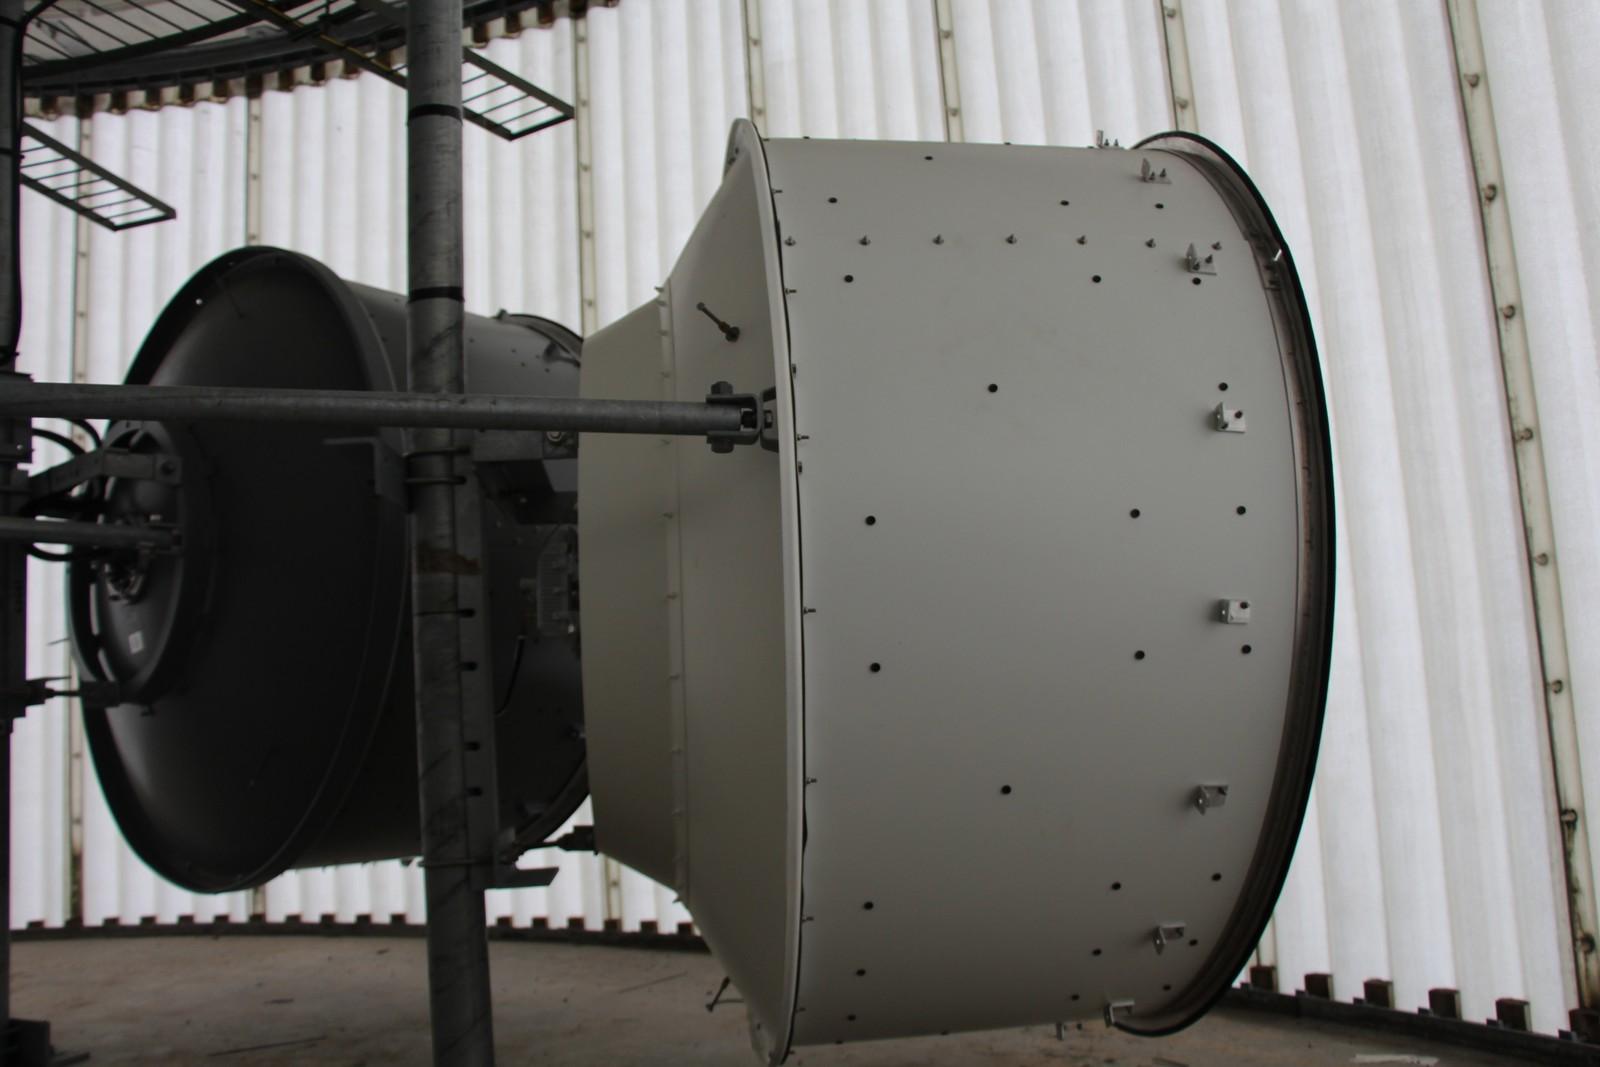 Det står igjen en del gammelt senderutstyr i Tryvannstårnet. Dette er TV-linker som ikke lenger er i bruk.